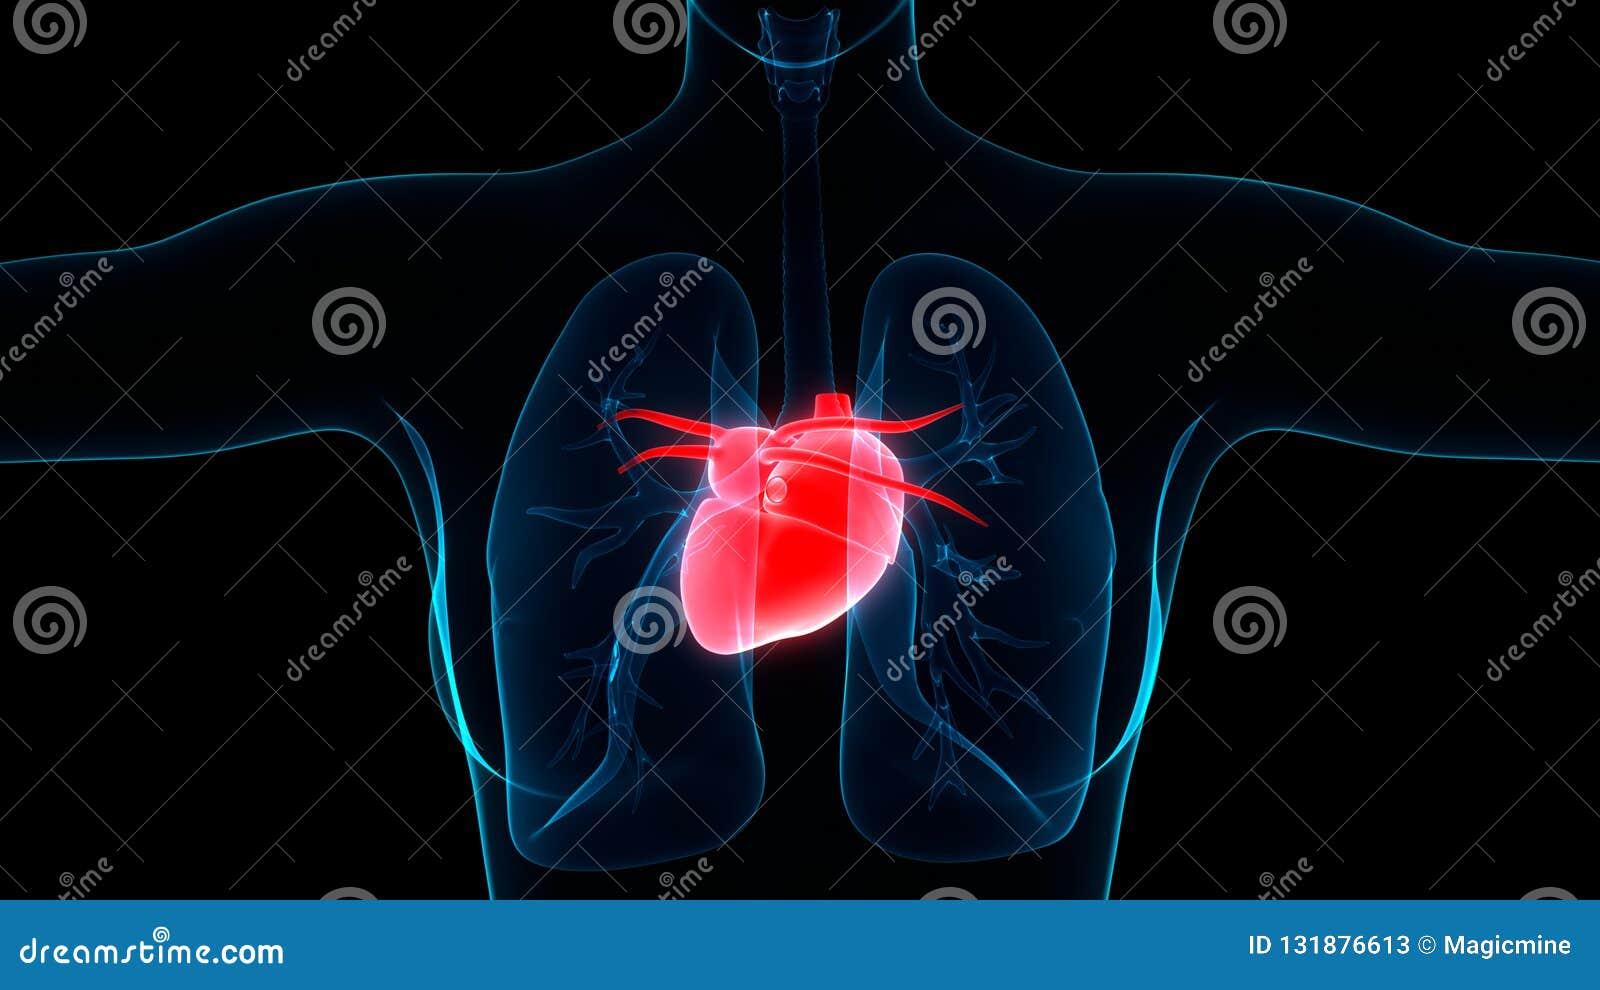 Сердечно-сосудистая система органов человеческого тела с анатомией сердца